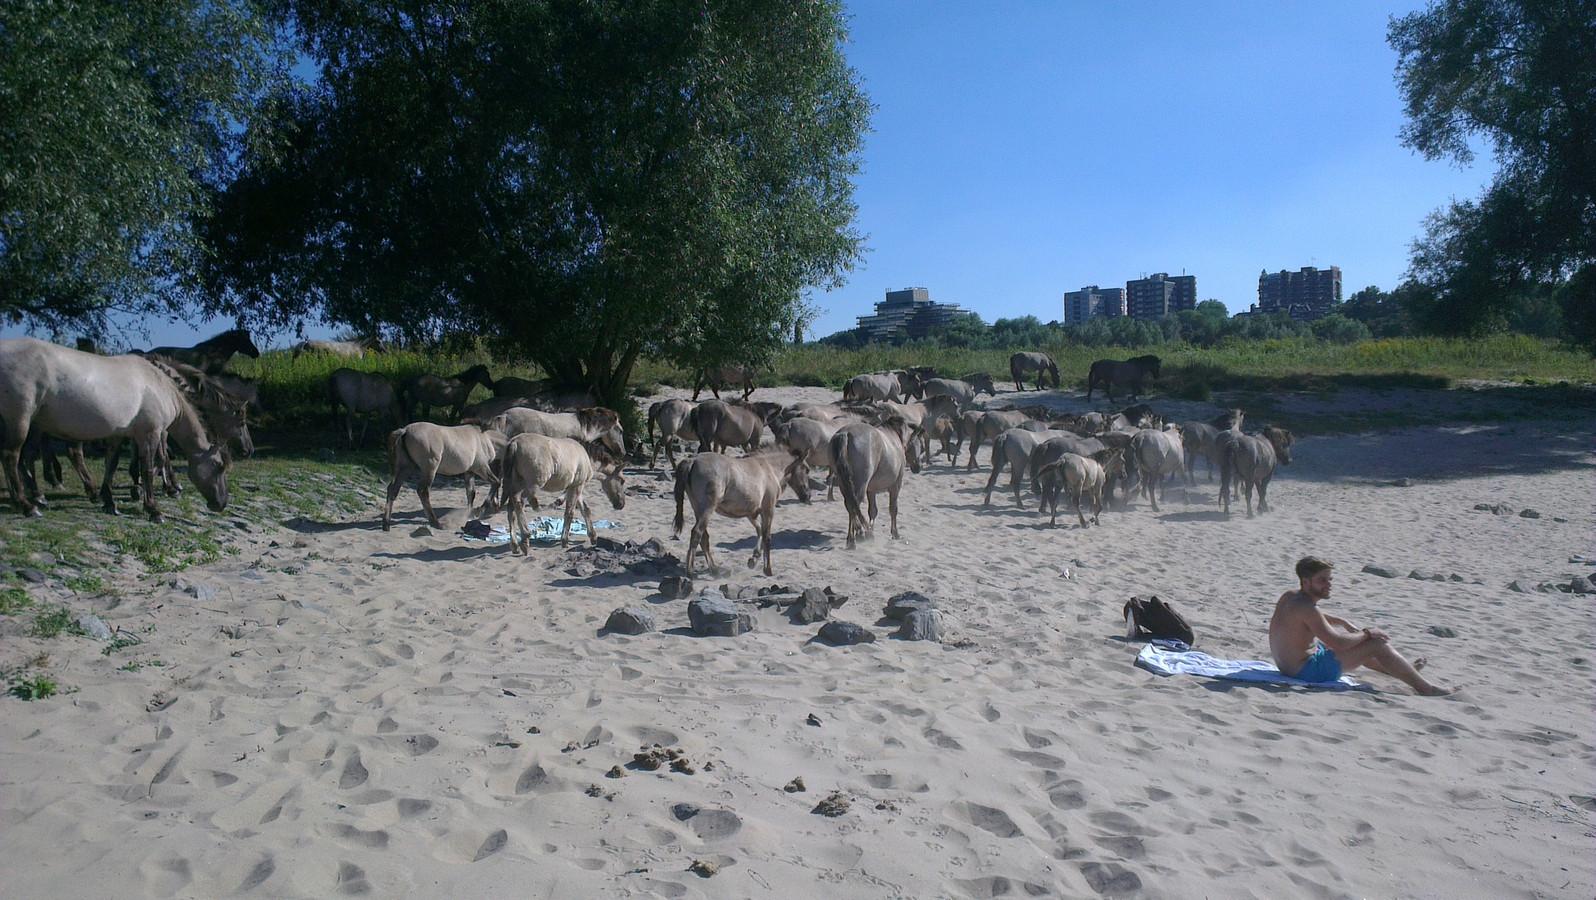 Konikpaarden in de Stadswaard ontmoeten Nijmeegse strandgasten. Foto: Stefan ten Teije/DG